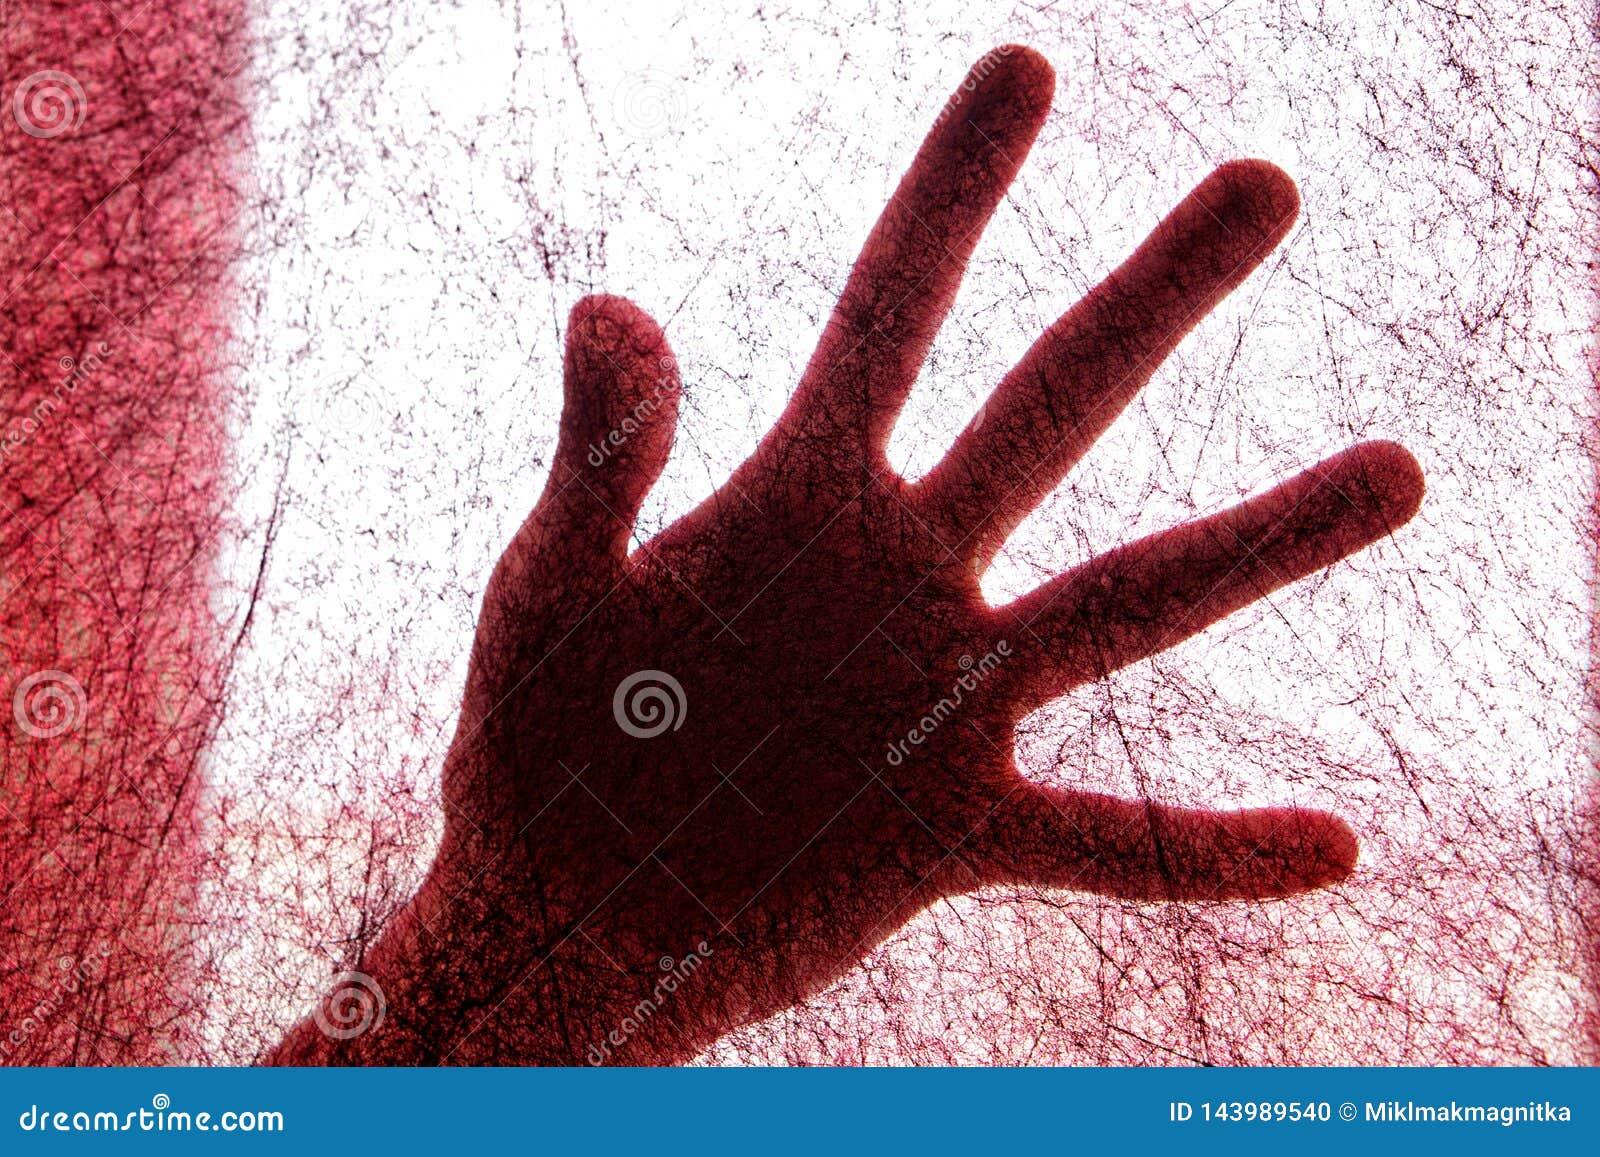 Weibliche Palme durch ein rotes geglaubtes Gewebe, das einem Spinnennetz ähnelt arachnophobia r